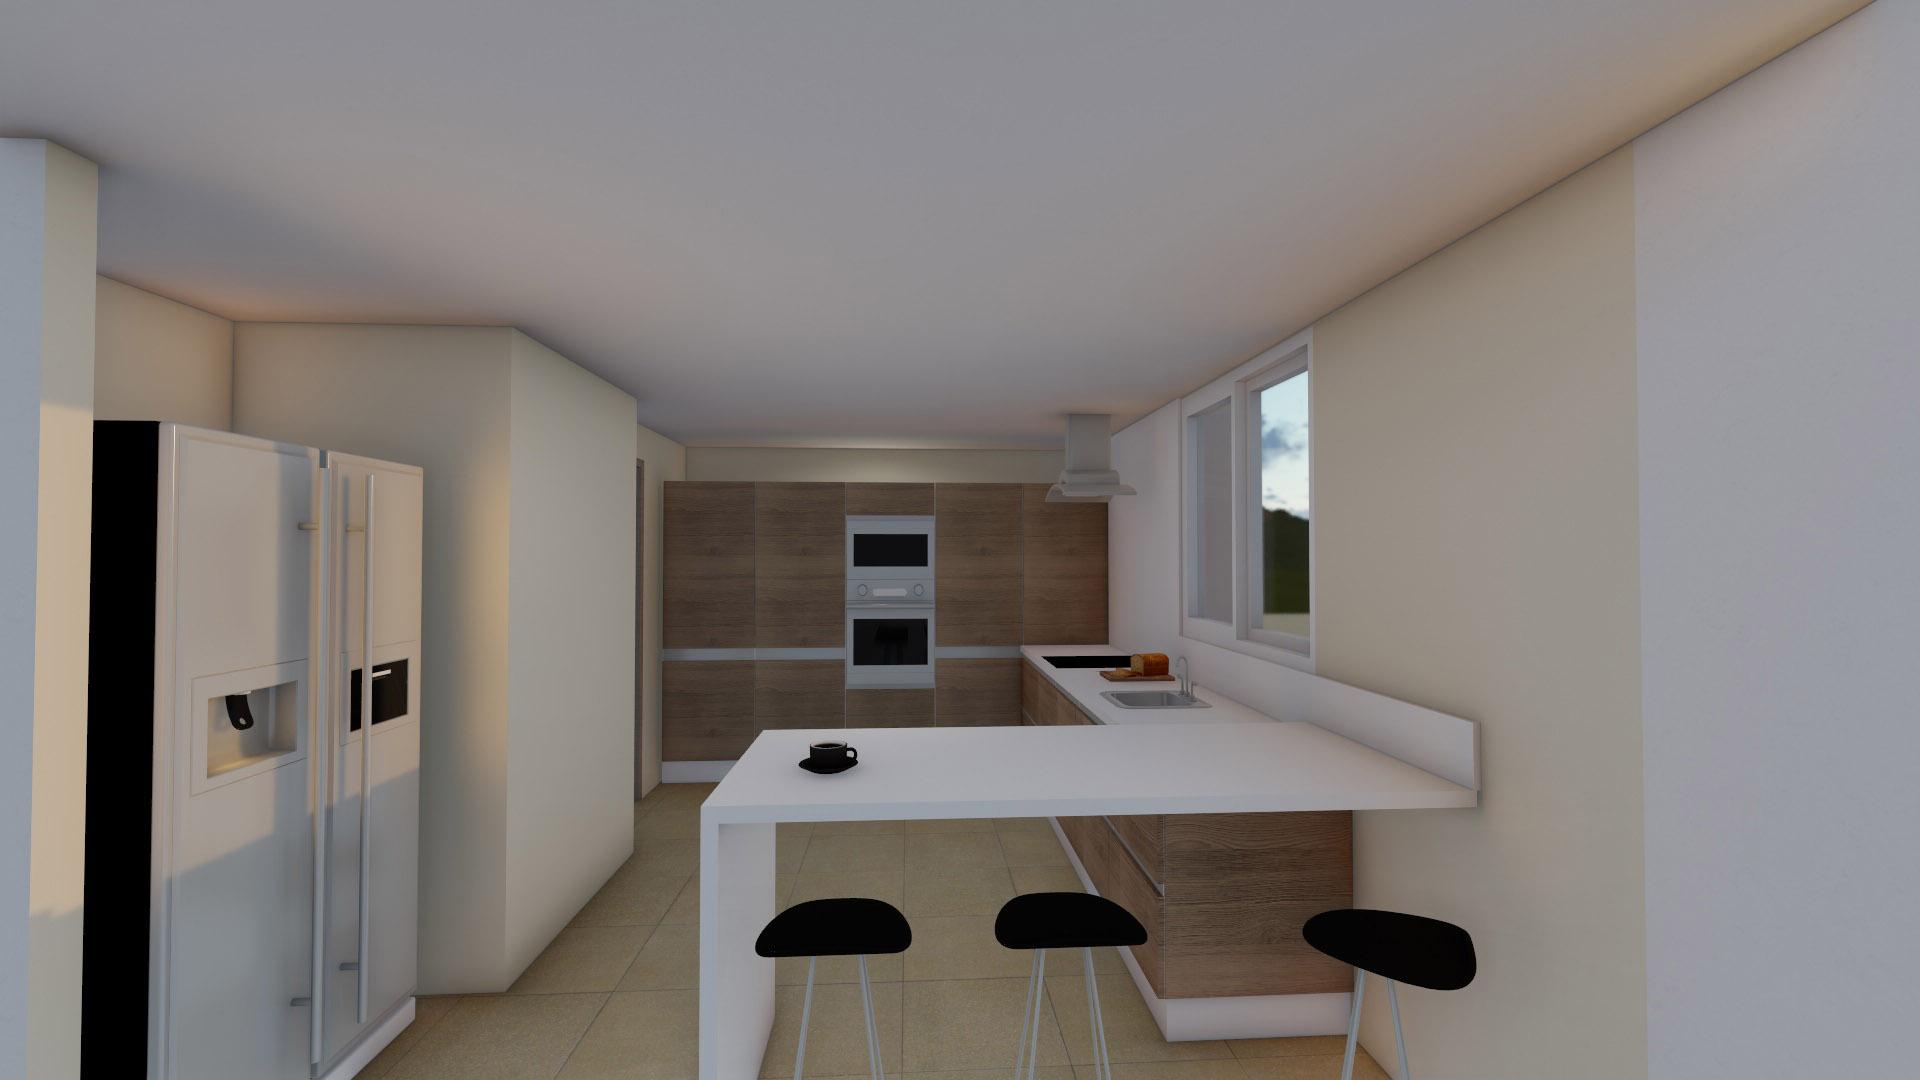 Diseos de cocinas en 3d elegant diseo y modelado d cocina for Disenador de cocinas gratis